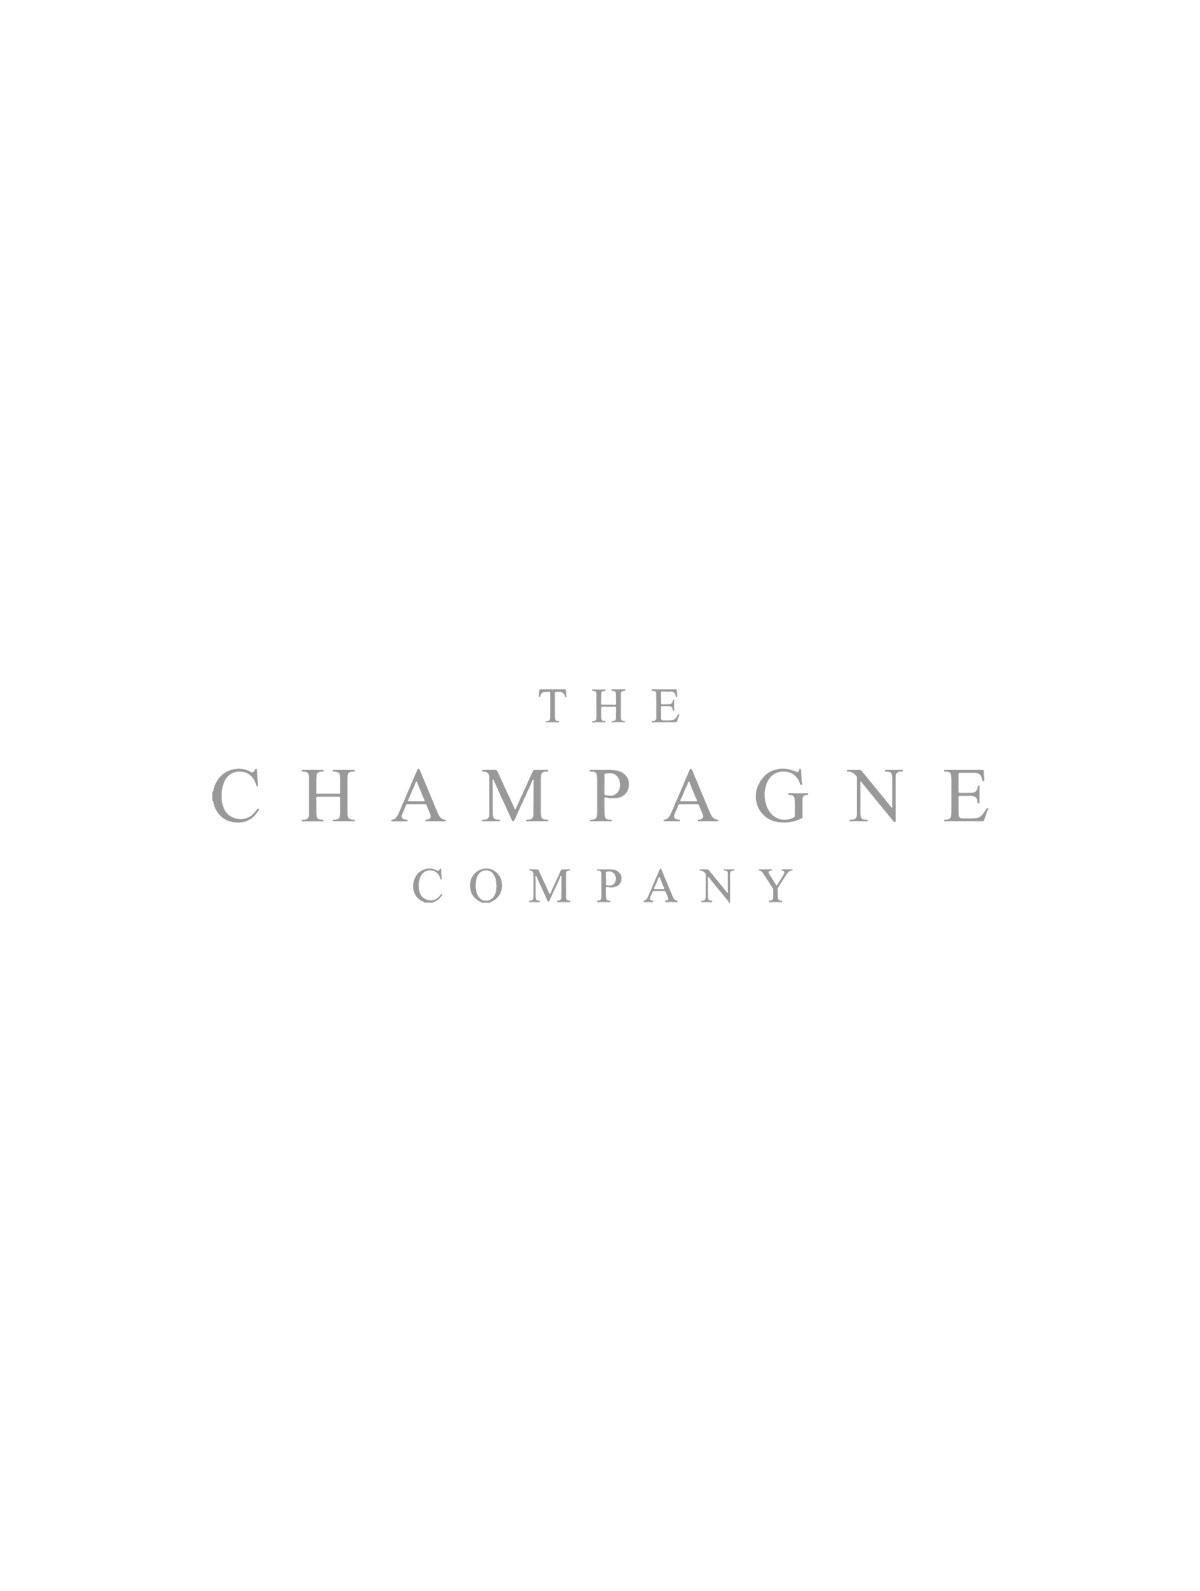 Dom Perignon 1973 Plenitude P3 Vintage Champagne 75cl Gift Boxed